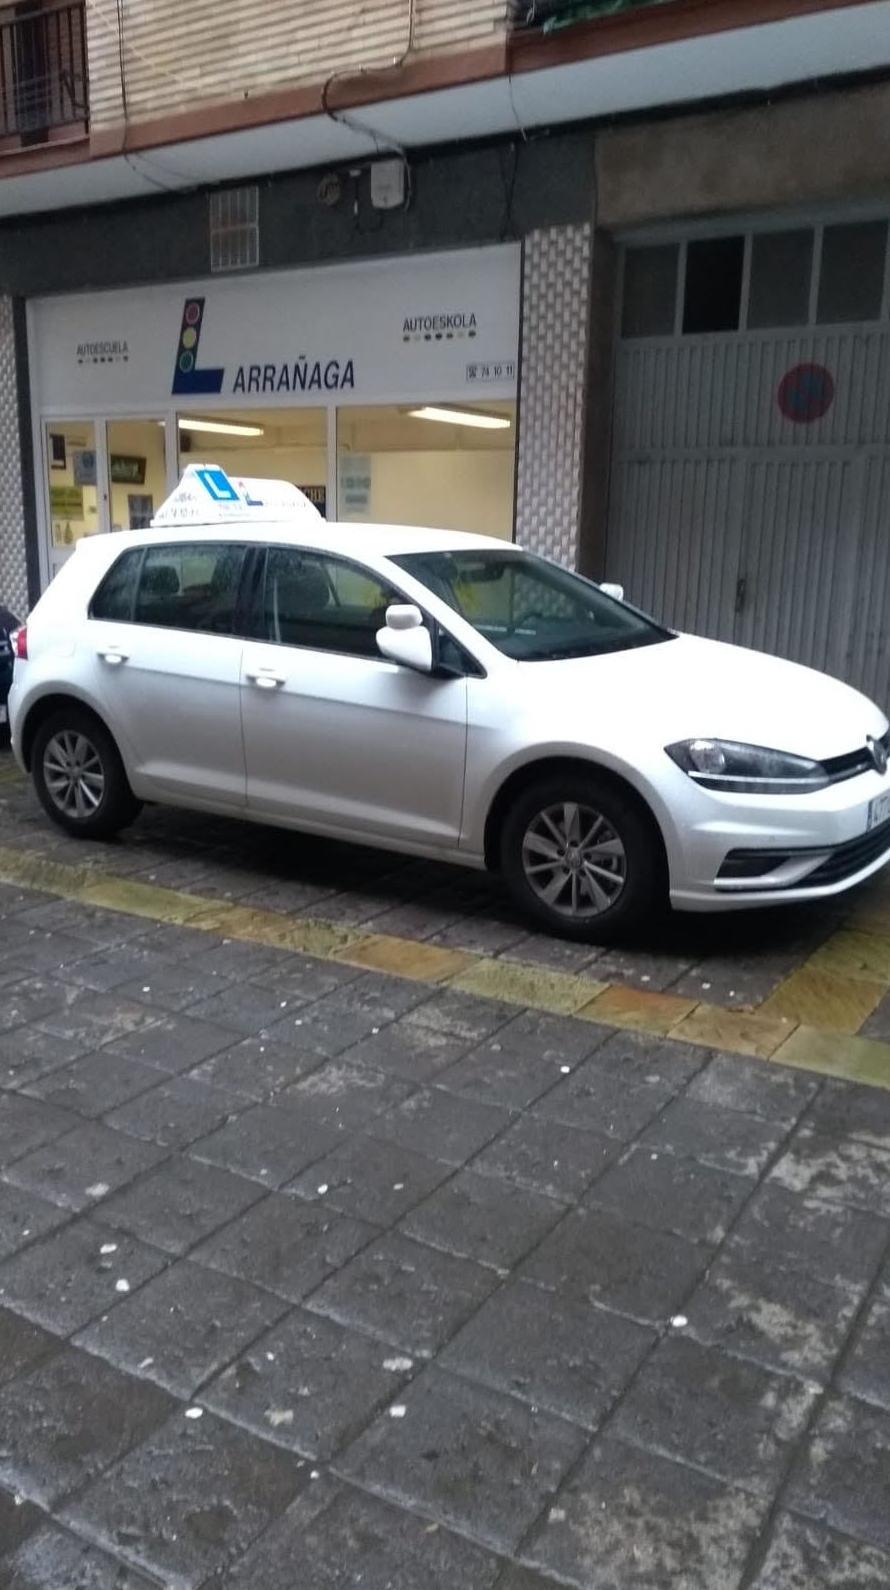 Nuevo vehículo de Autoeskola Larrañaga en Bergara